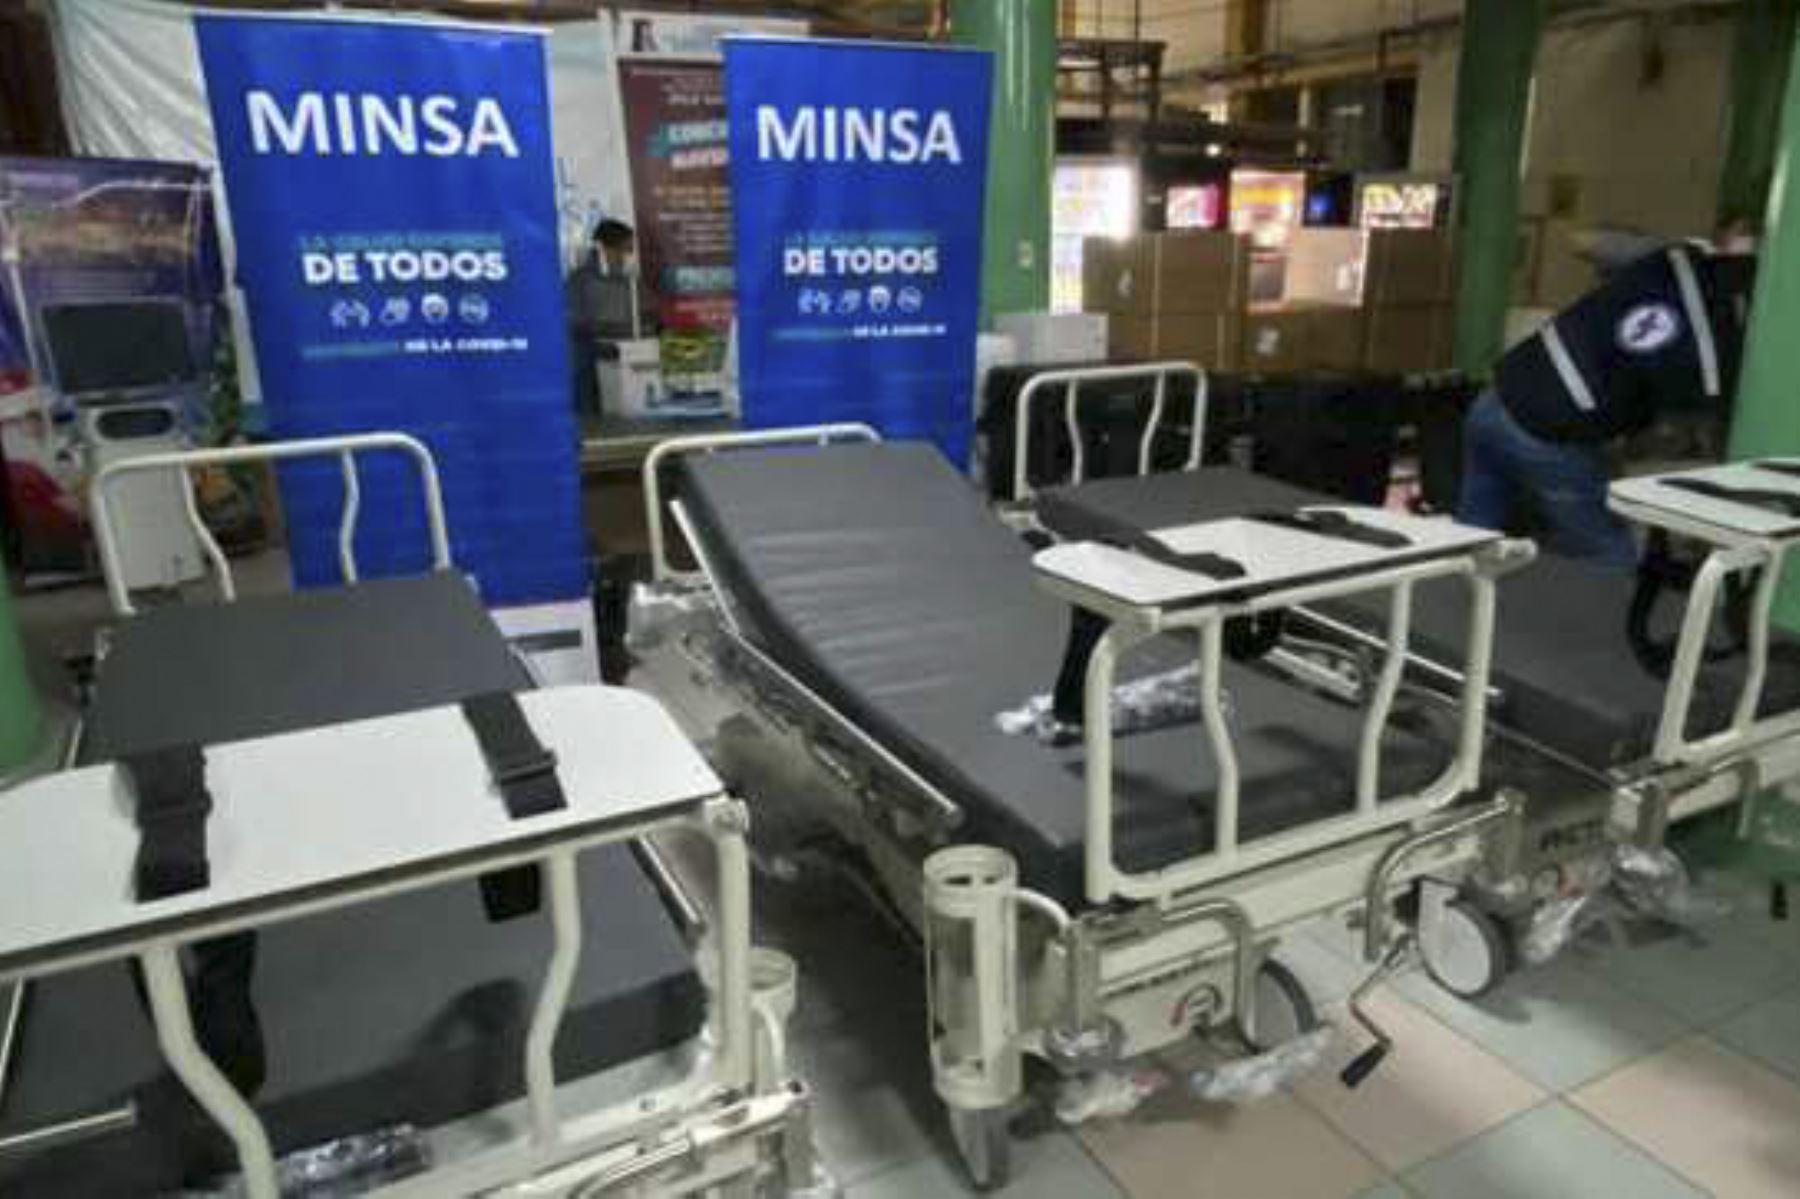 Con esta entrega, son más de 120 las camas de hospitalización desplegadas a diferentes establecimientos de salud en Lima, para reforzar el primer y segundo nivel de atención y ampliar la capacidad de atención de casos covid-19. ANDINA/Difusión